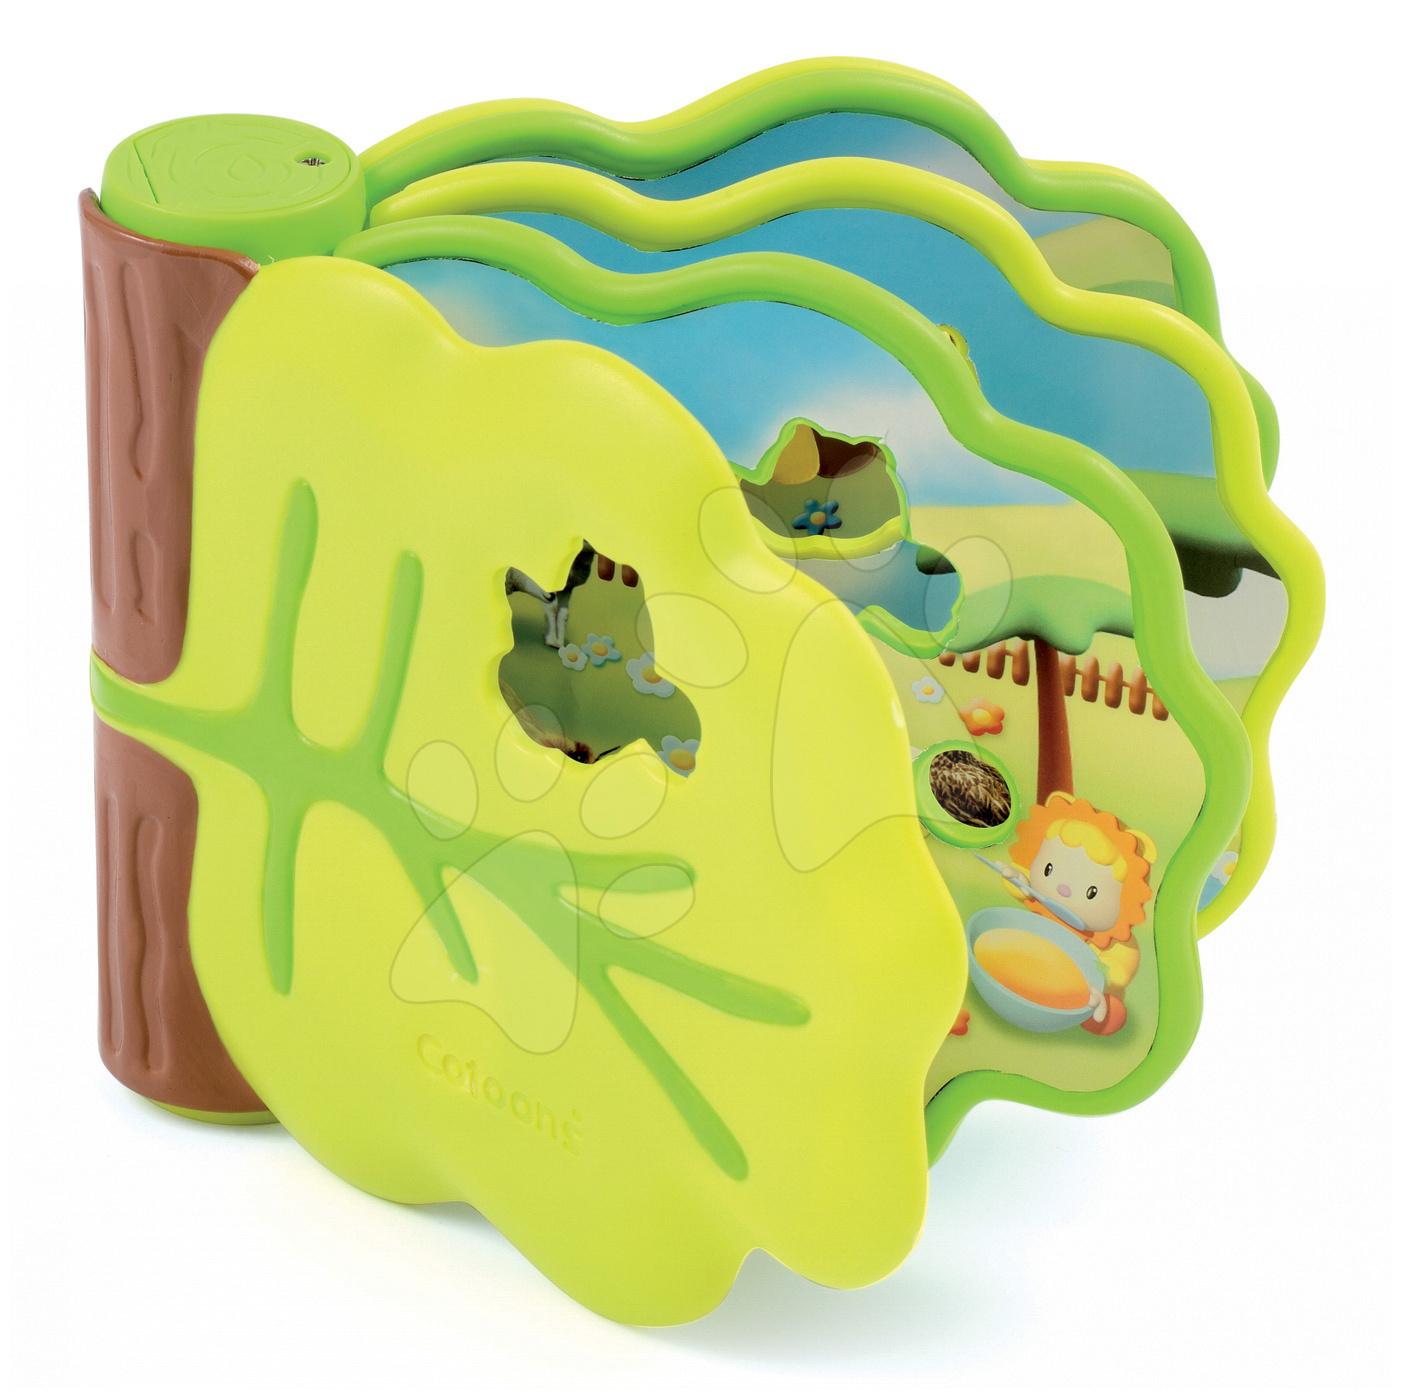 Hrací knížka Cotoons Smoby se zvířátky 12 melodií od 10 měsíců